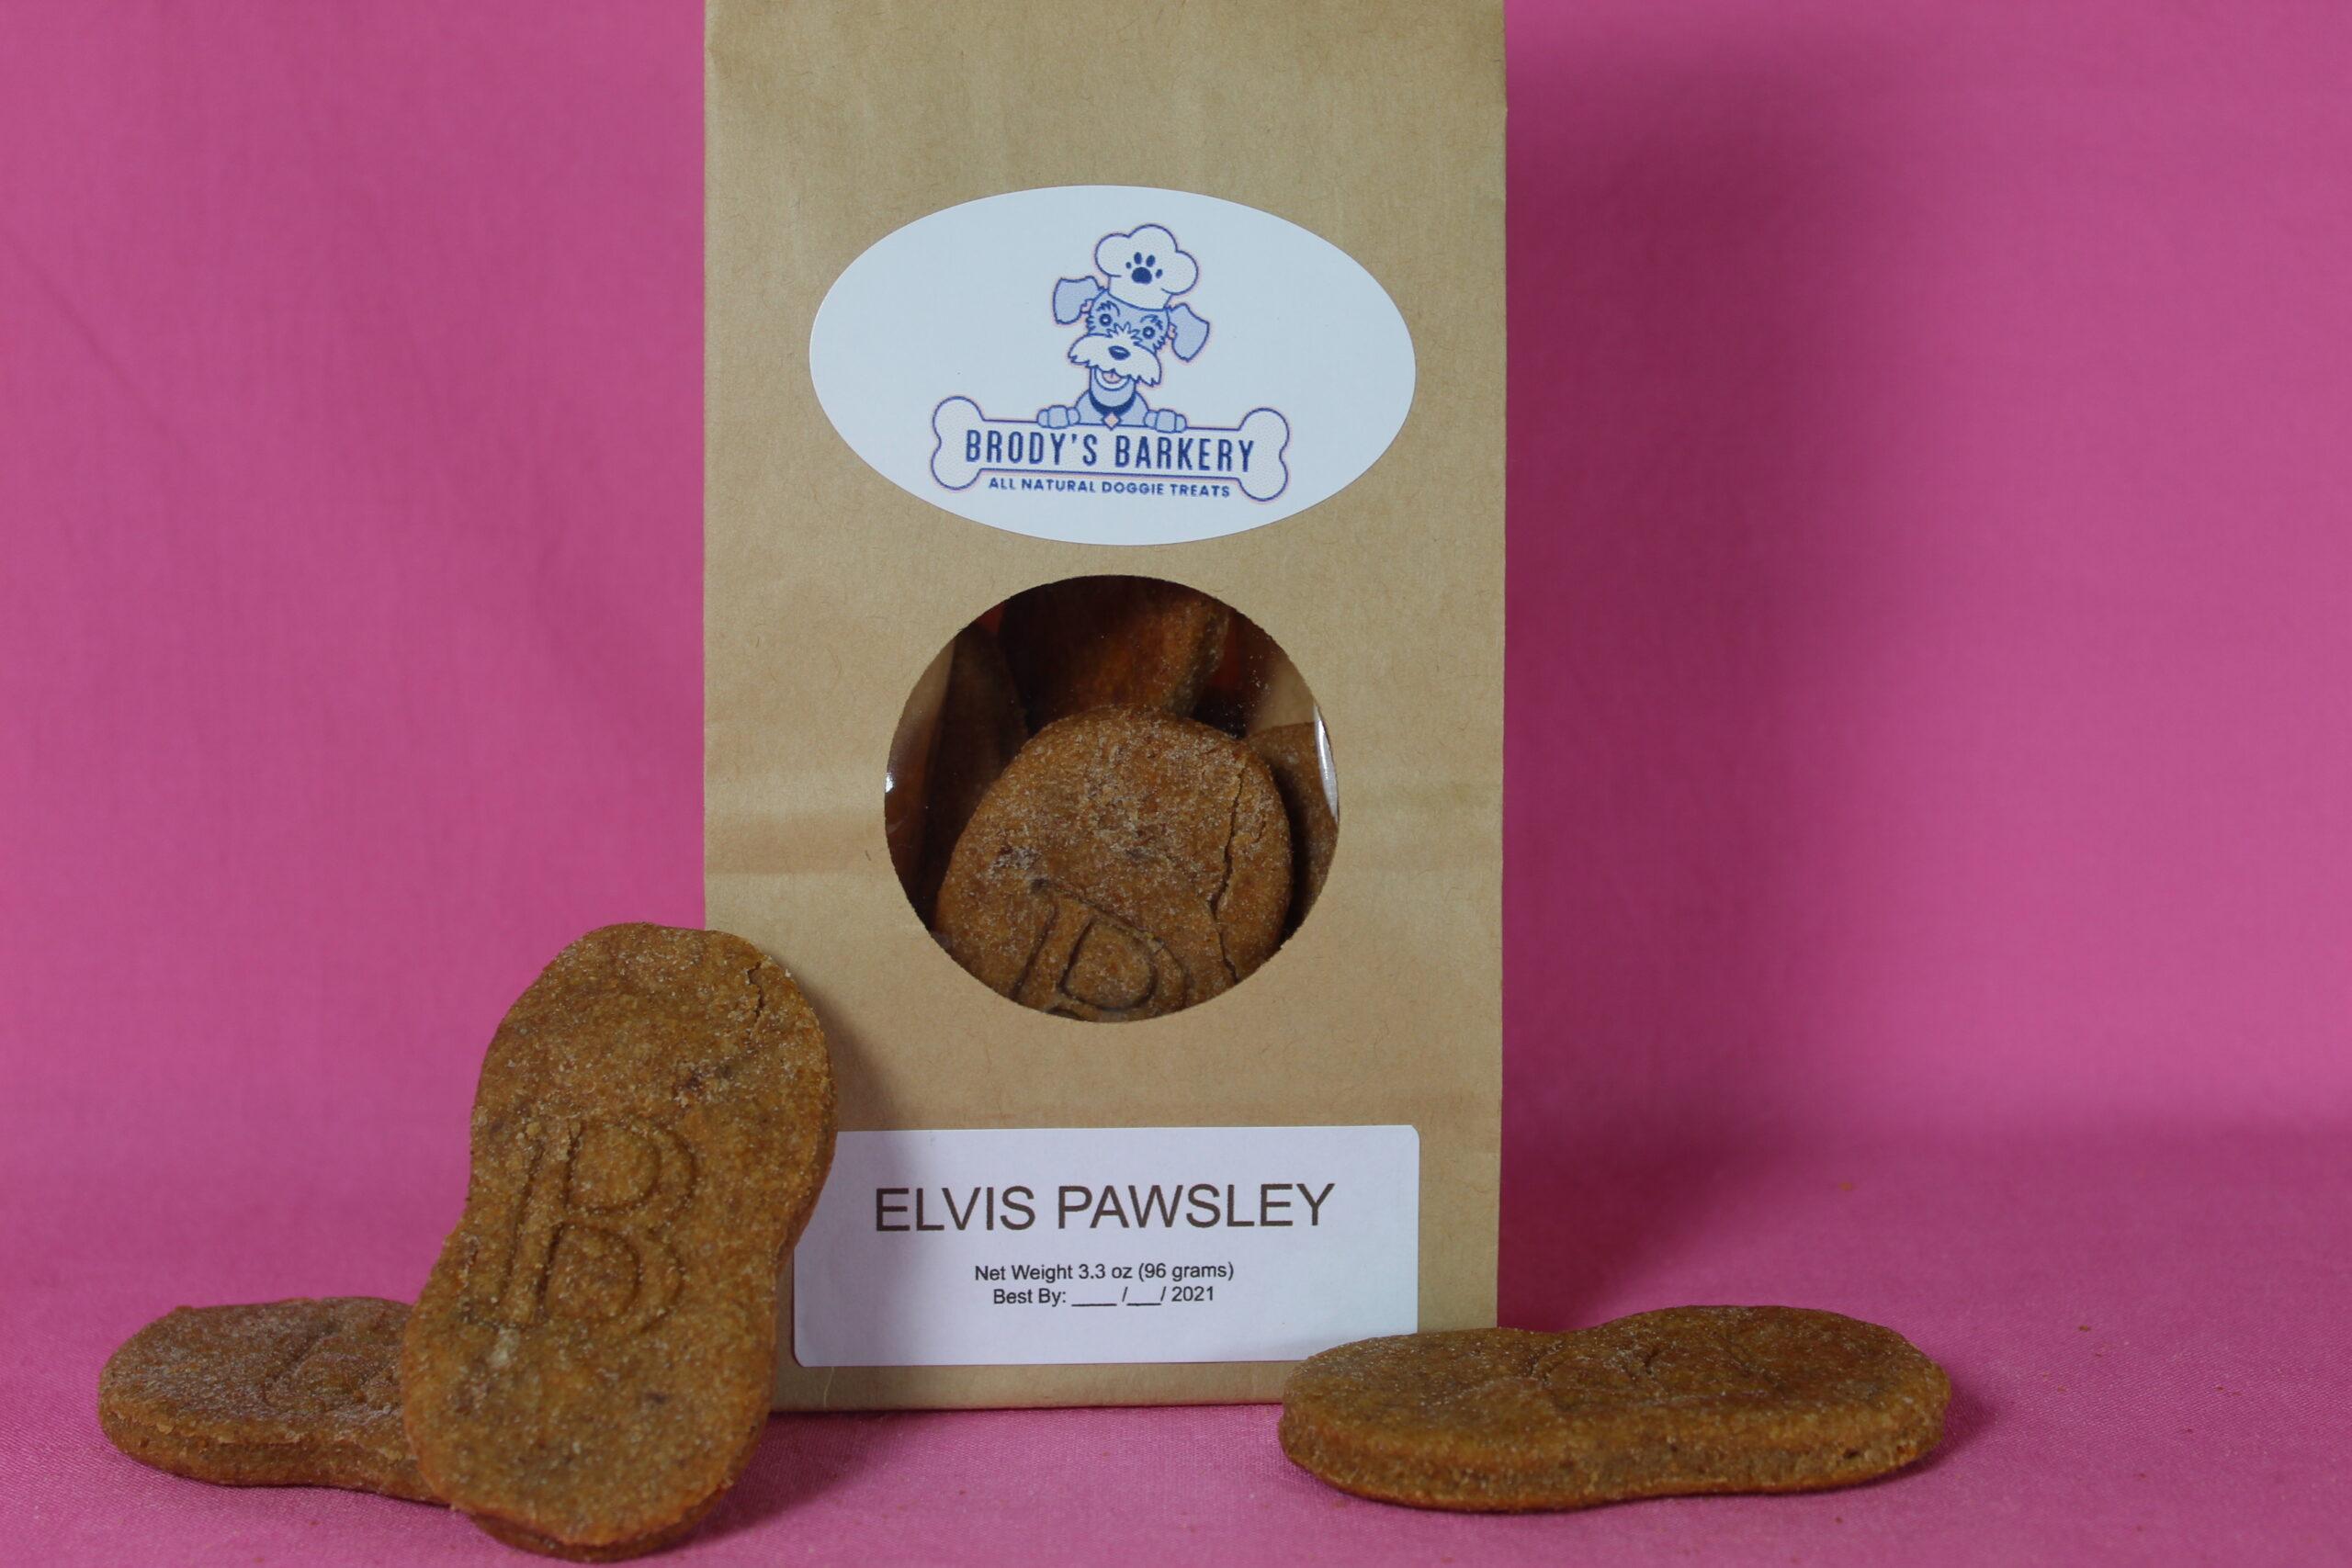 Elvis Pawsley